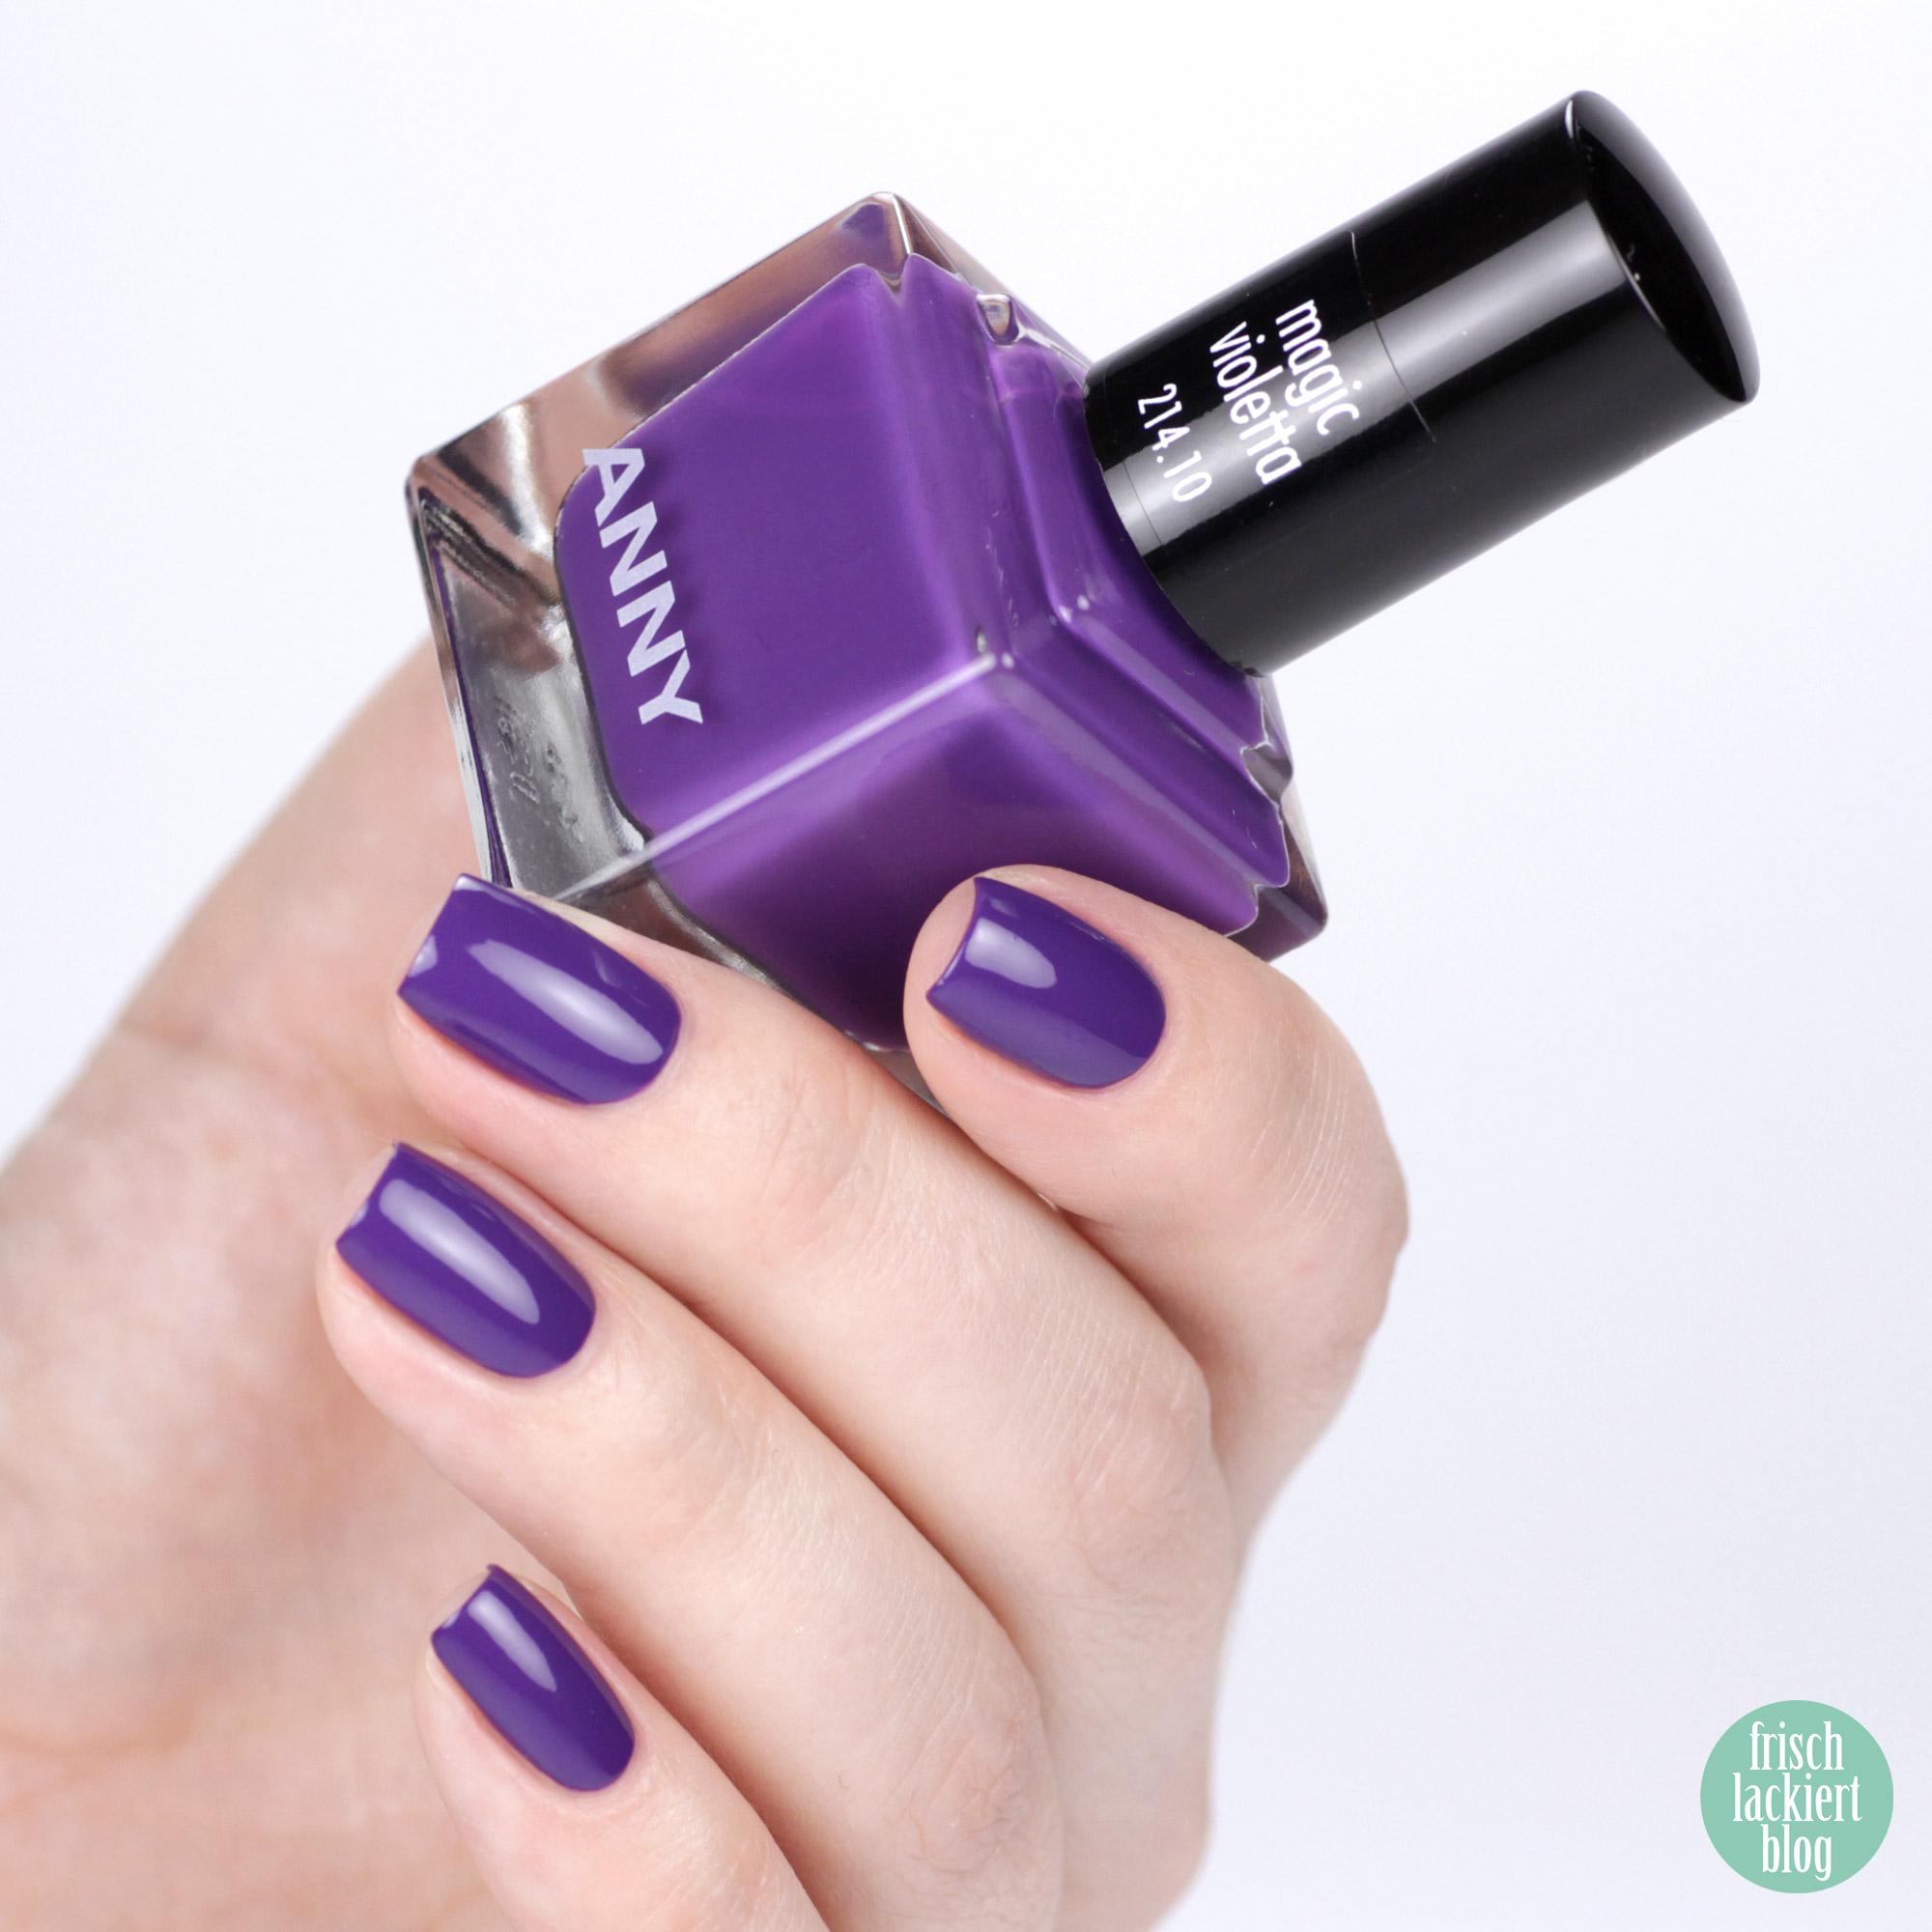 ANNY Ultra Violett Kollektion – Trendfarbe 2018 als Nagellack – Magic Violetta – swatch by frischlackiert